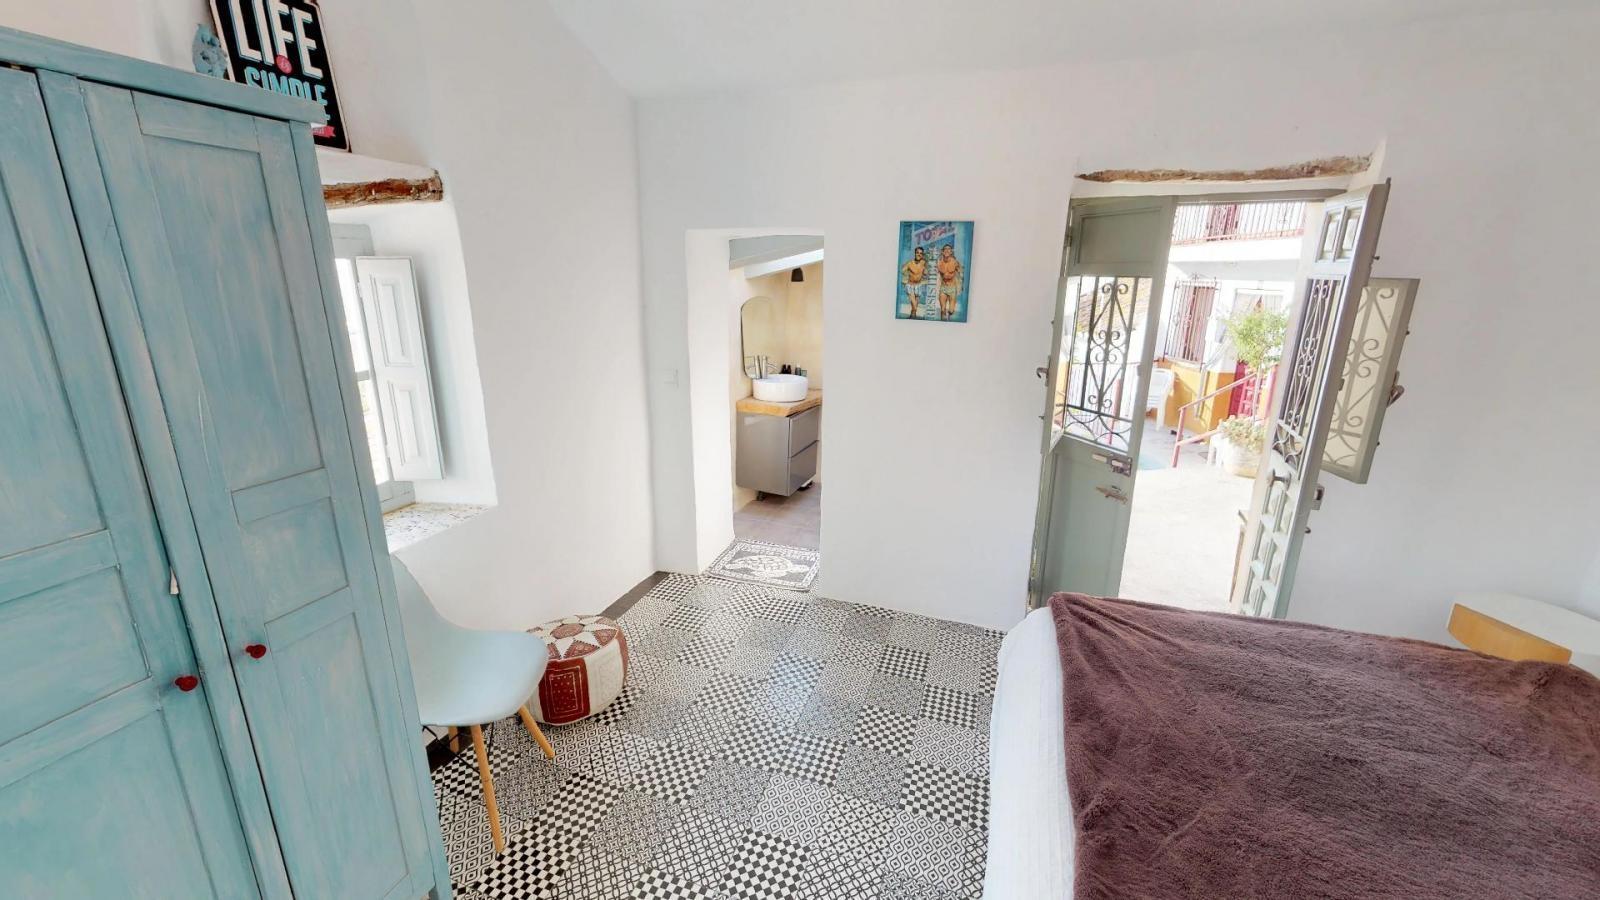 39564418 3303414 foto 657239 - Vida al aire libre en esta encantadora casa de pueblo en Velez-Málaga